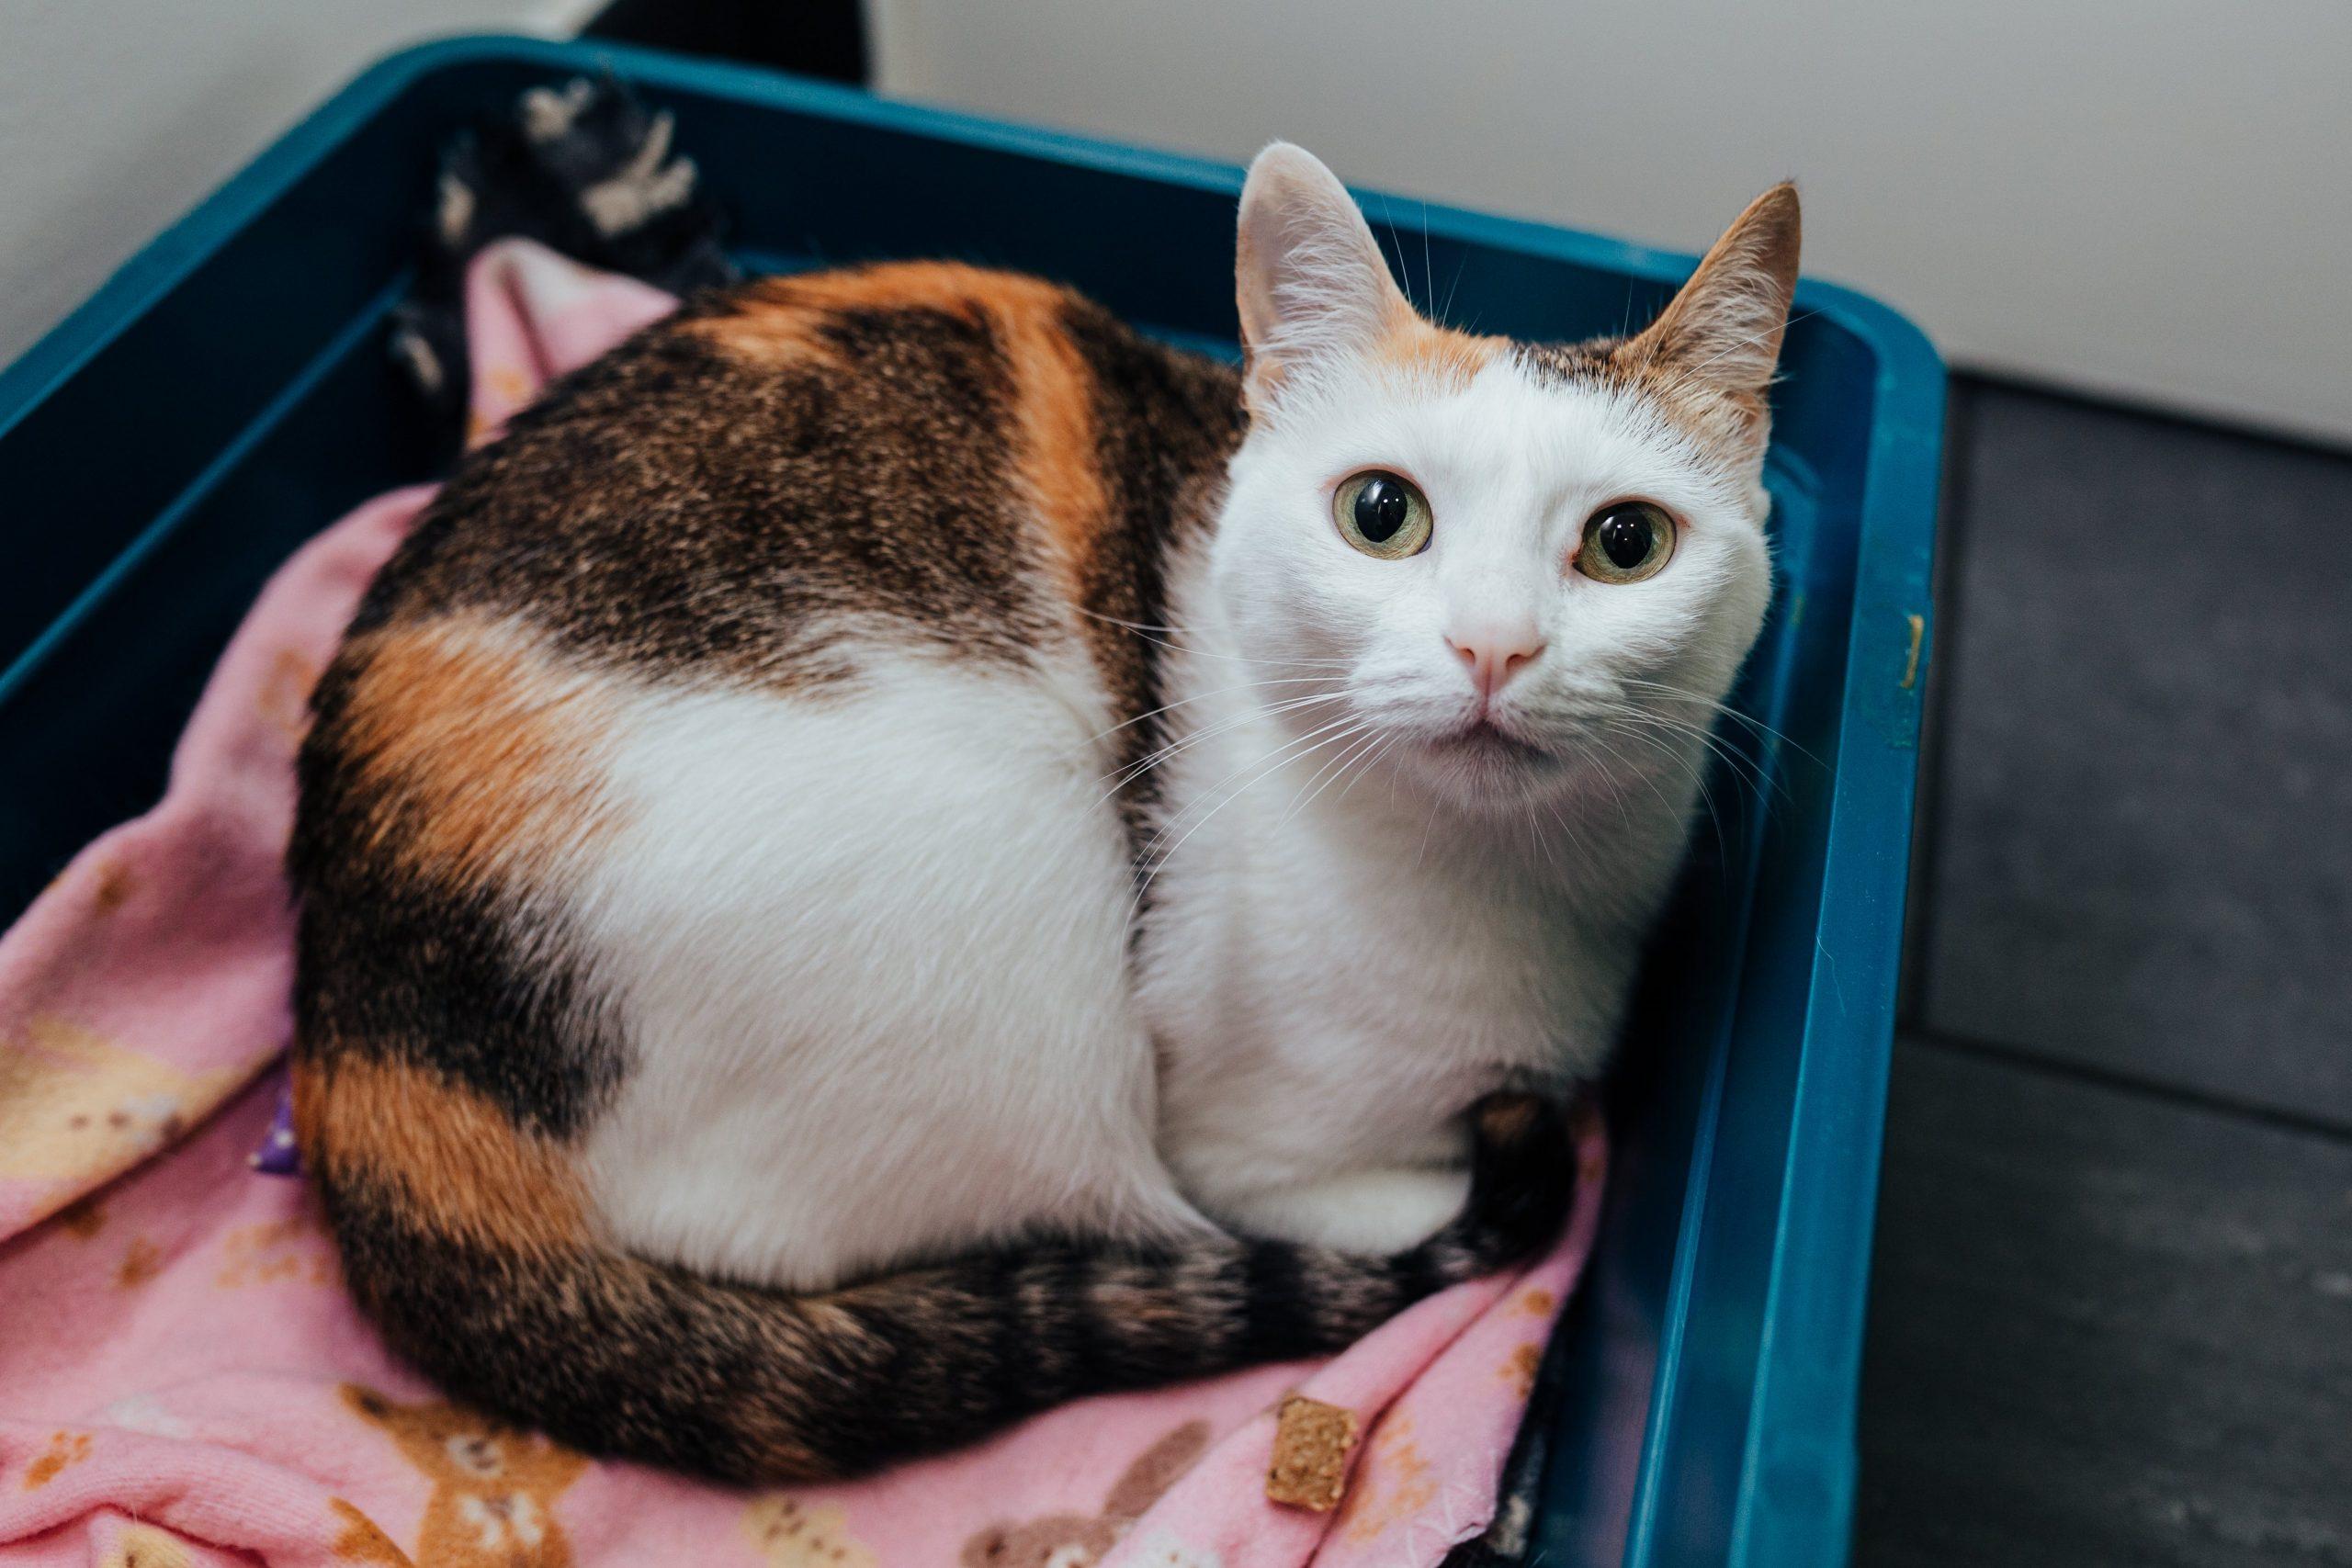 consulta com gato na clínica veterinária vet point em oeiras